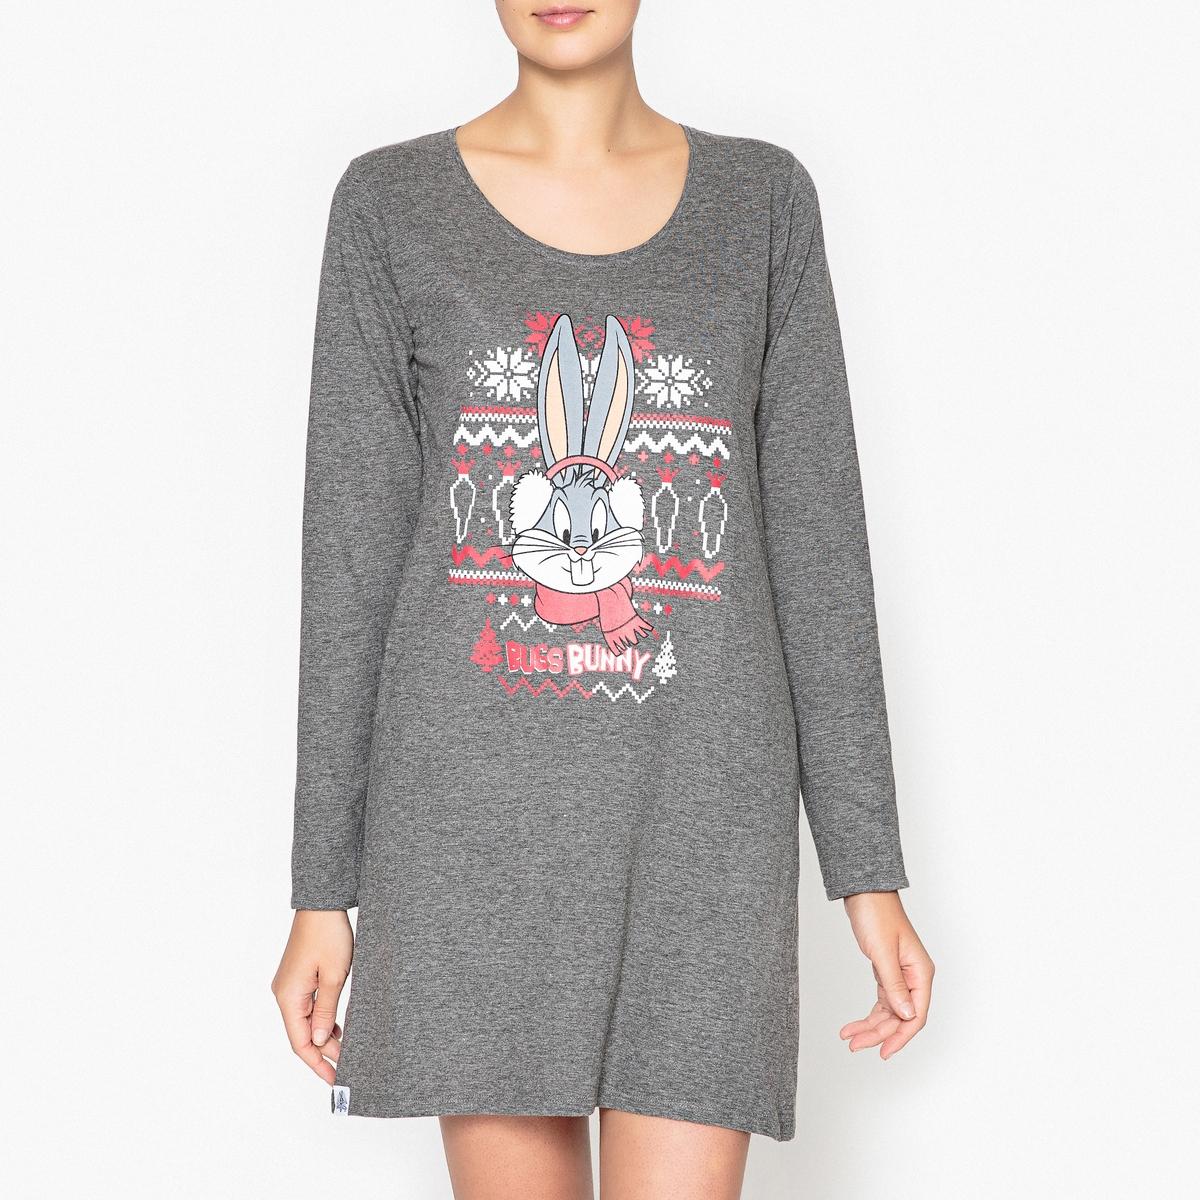 Рубашка ночная с рисунком, Bugs Bunny толстовка для девочки baby looney tunes сиреневая с рисунком